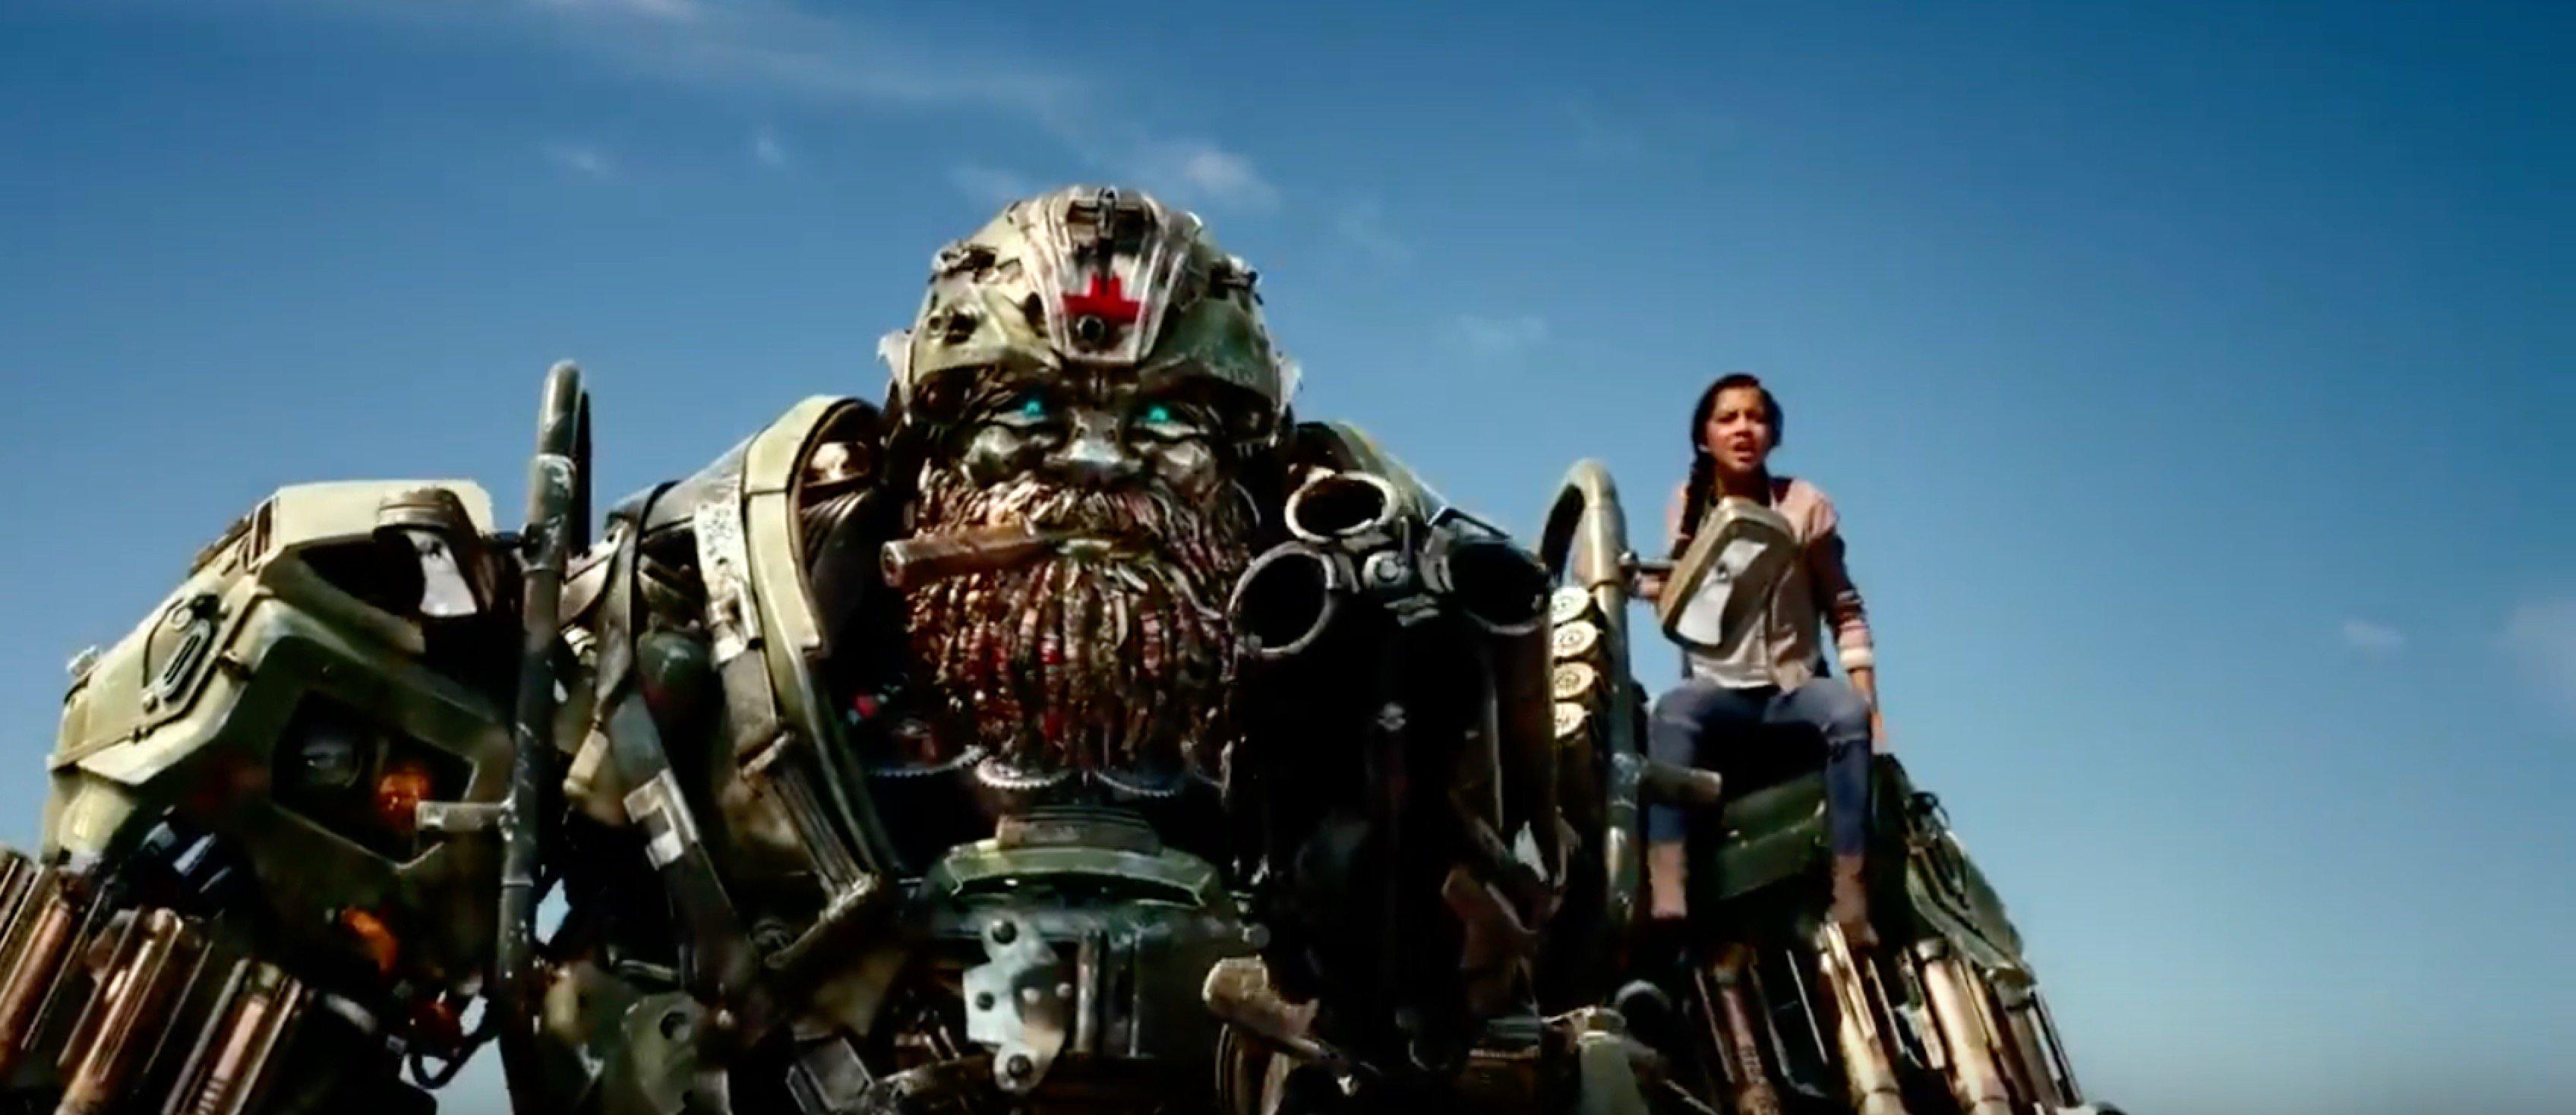 Nuevo trailer de 'Transformers: El Último Caballero' se pasa a 'Stranger Things'Nuevo trailer de 'Transformers: El Último Caballero' se pasa a 'Stranger Things'